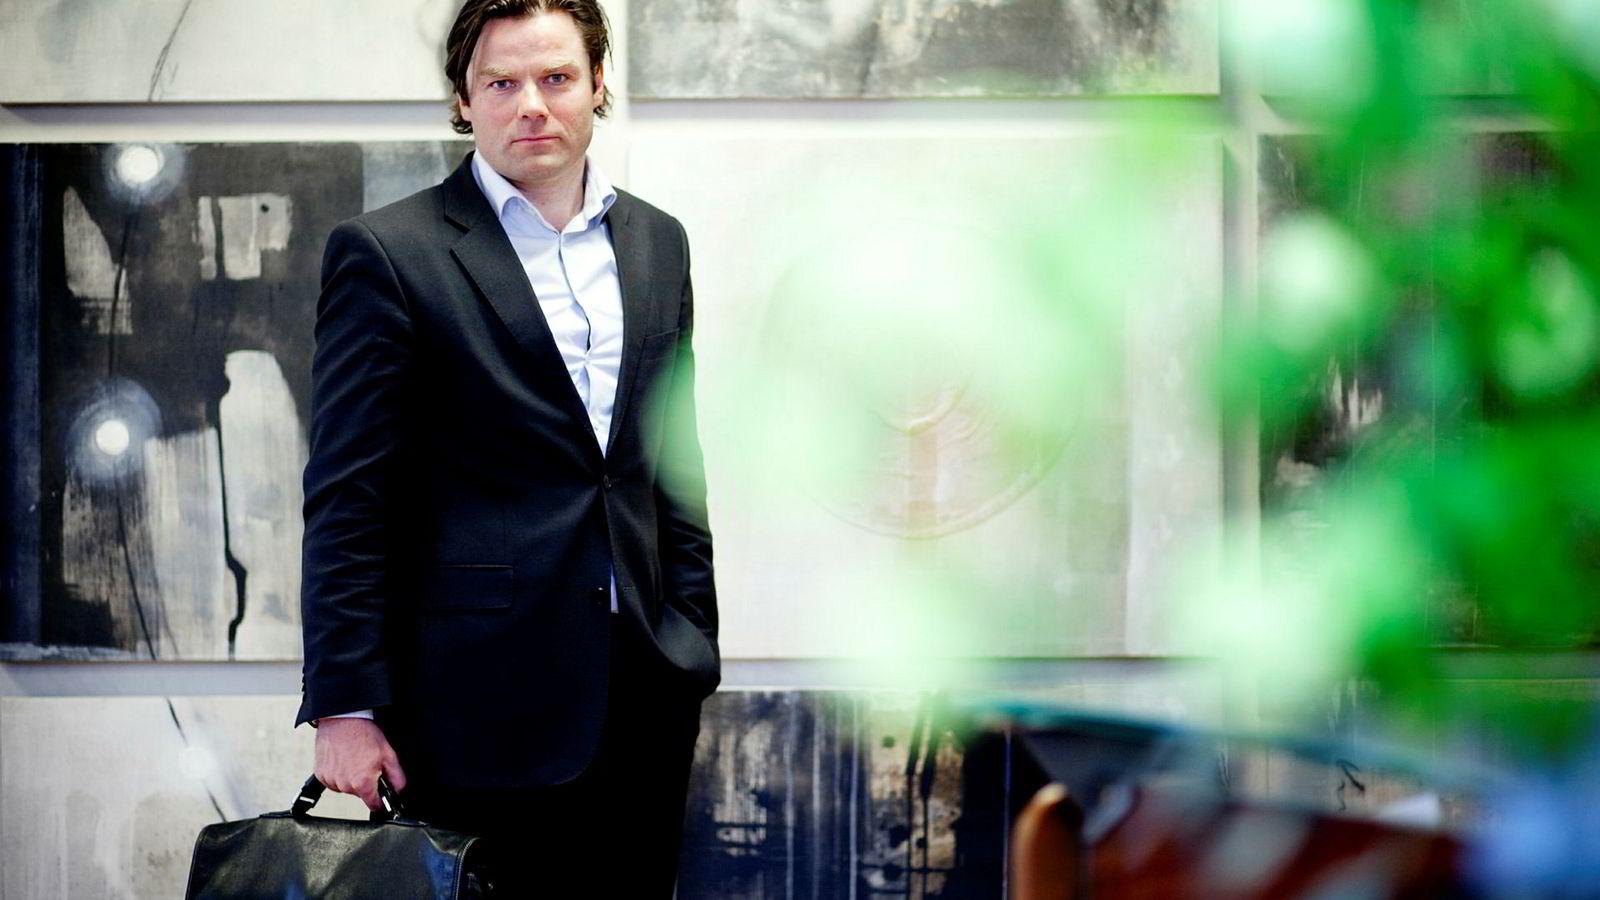 Konsernsjef Kristian Johansen i seismikkselskapet TGS avviser ethvert erstatningsansvar i skattesaken relatert til oljeselskapet EPH, tidligere kjent som Skeie Energy.